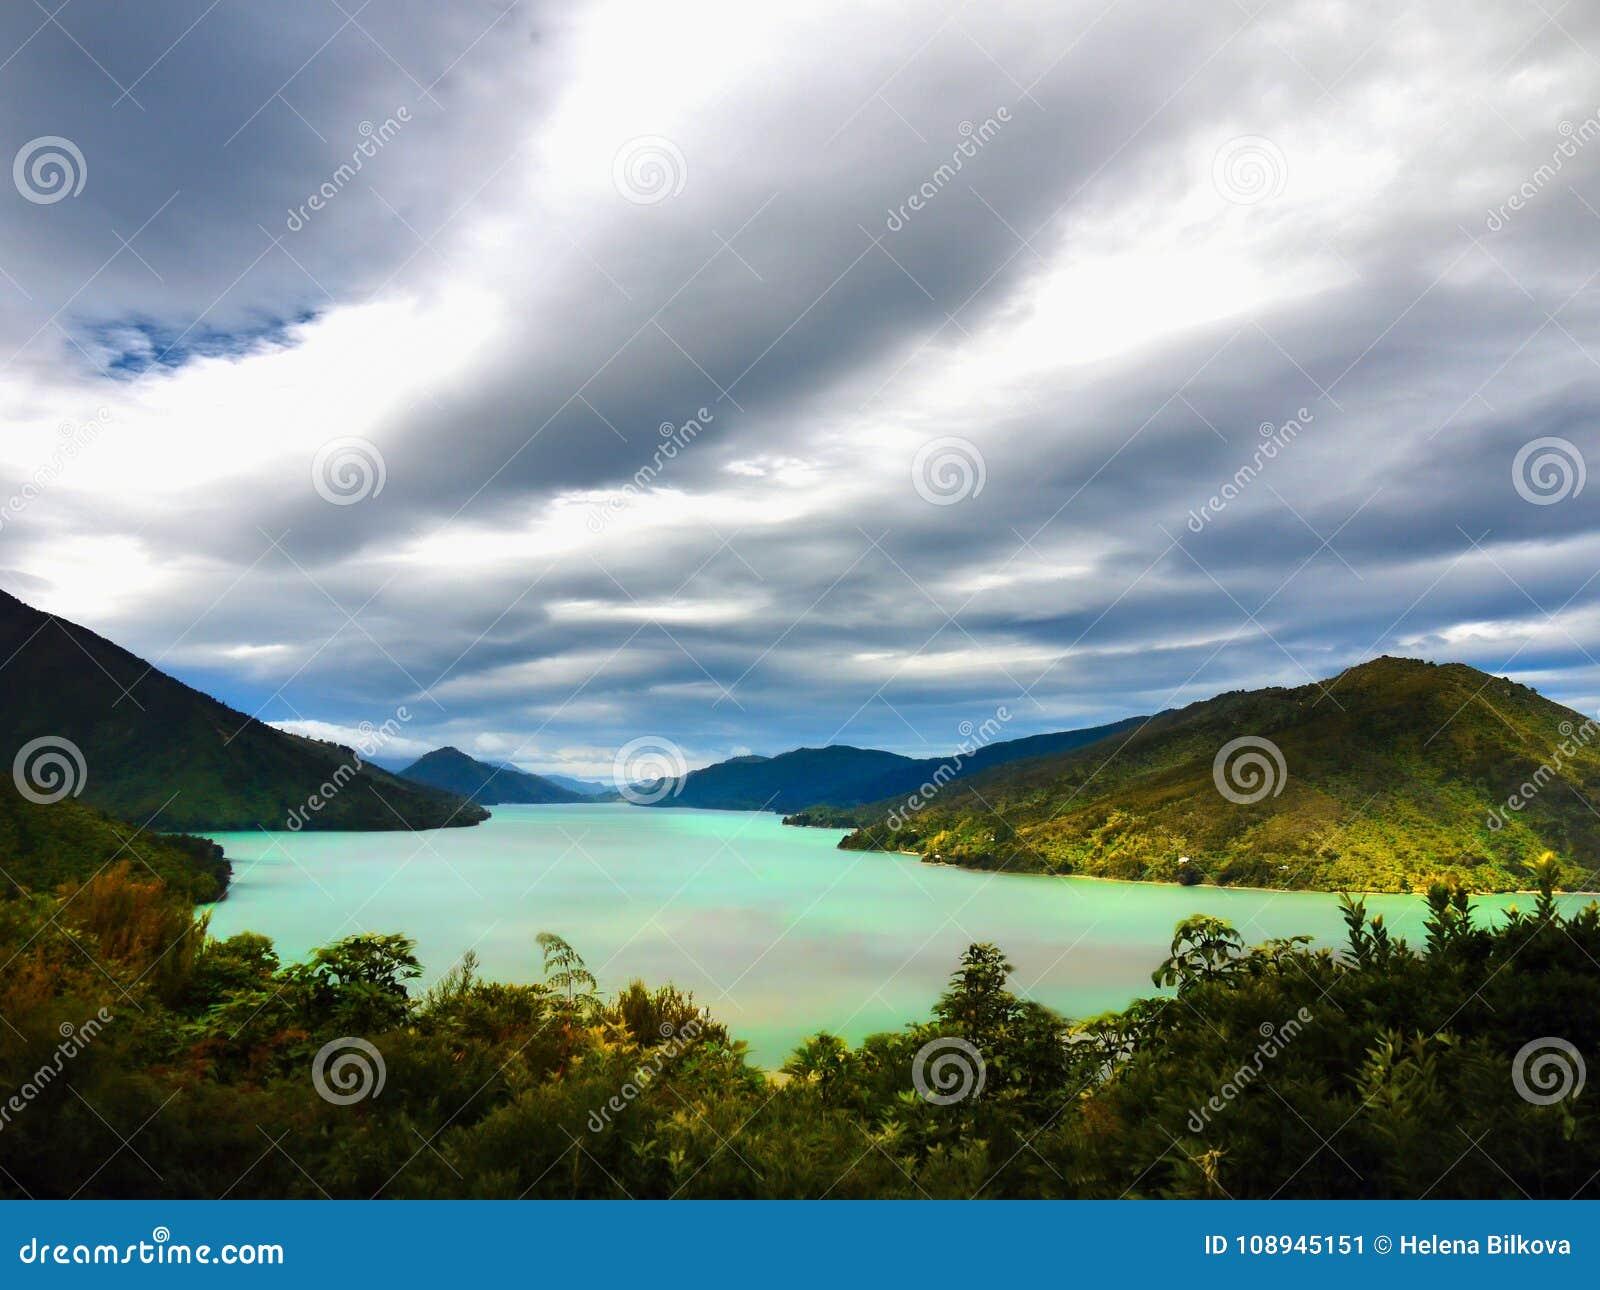 Συνδέστε τη Νέα Ζηλανδία χήρα ραντεβού κριτικές τοποθεσίες